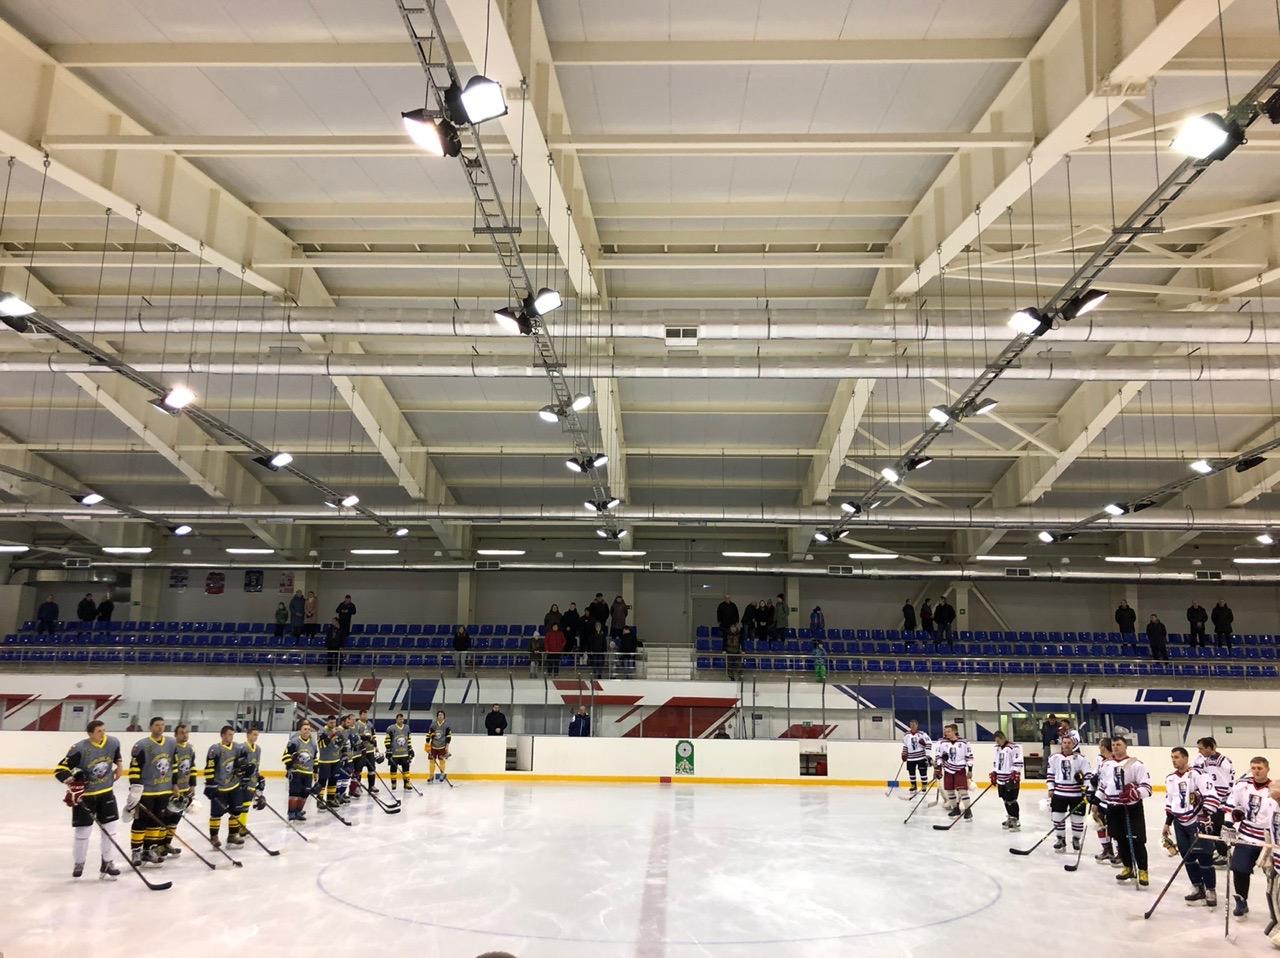 28 и 29 декабря прошли игры 17 тура Чемпионата Любительской Коломенской хоккейной лиги сезона 2019/2020.